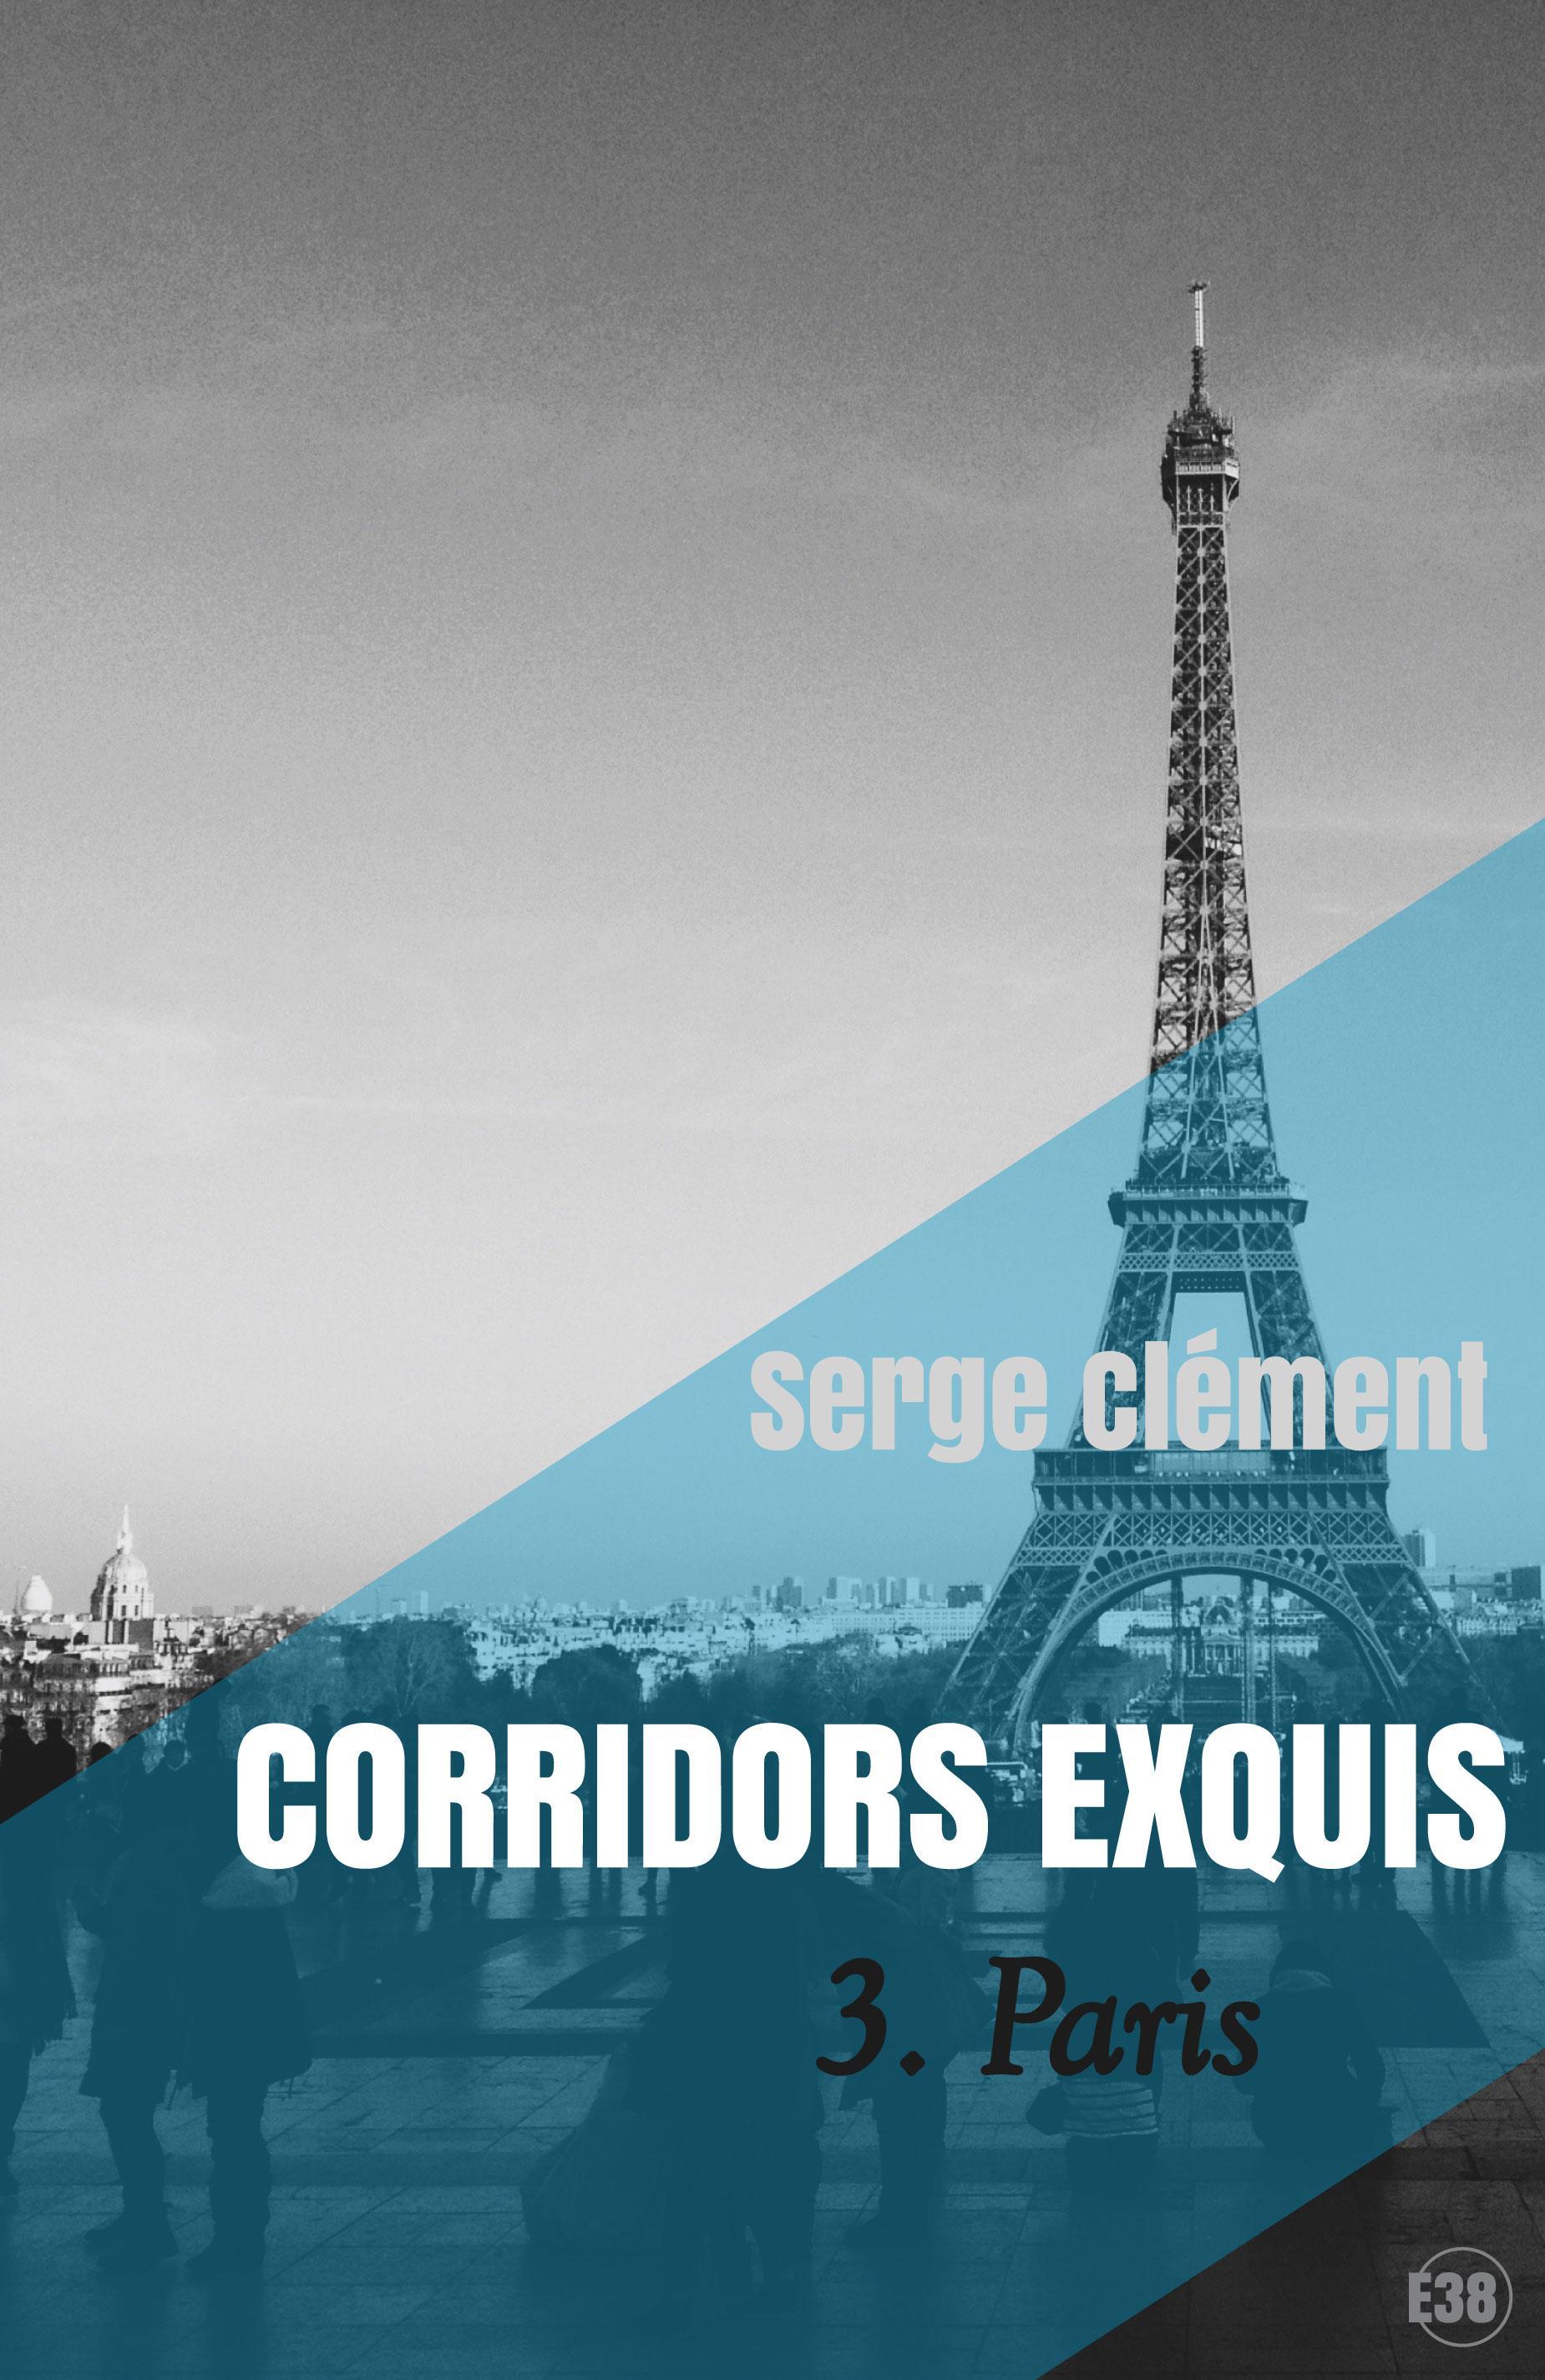 Corridors exquis 3, Paris